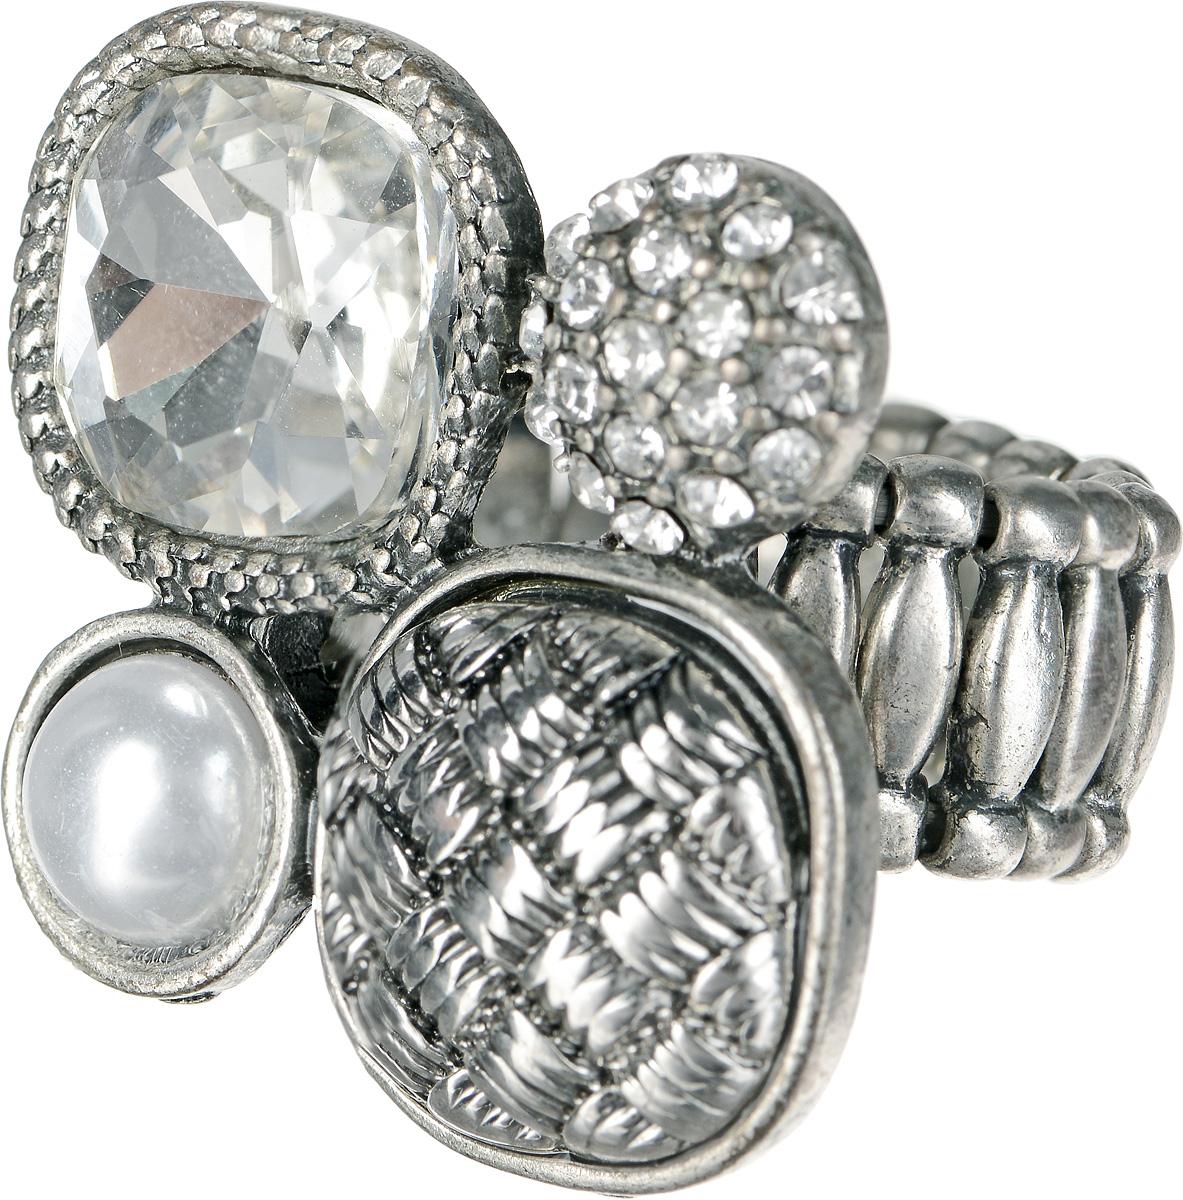 Кольцо Taya, цвет: серебристый. T-B-1191T-B-1191-RING-SILVERКольцо Taya выполнено из бижутерийного сплава и оформлено оригинальным декоративным элементом, который дополнен стразами, граненым камнем и перламутровой полубусиной. Эластичная резинка, которая дополняет основание изделия, делает размер кольца универсальным. Элегантное кольцо Taya выгодно подчеркнет изящество, женственность и красоту своей обладательницы.